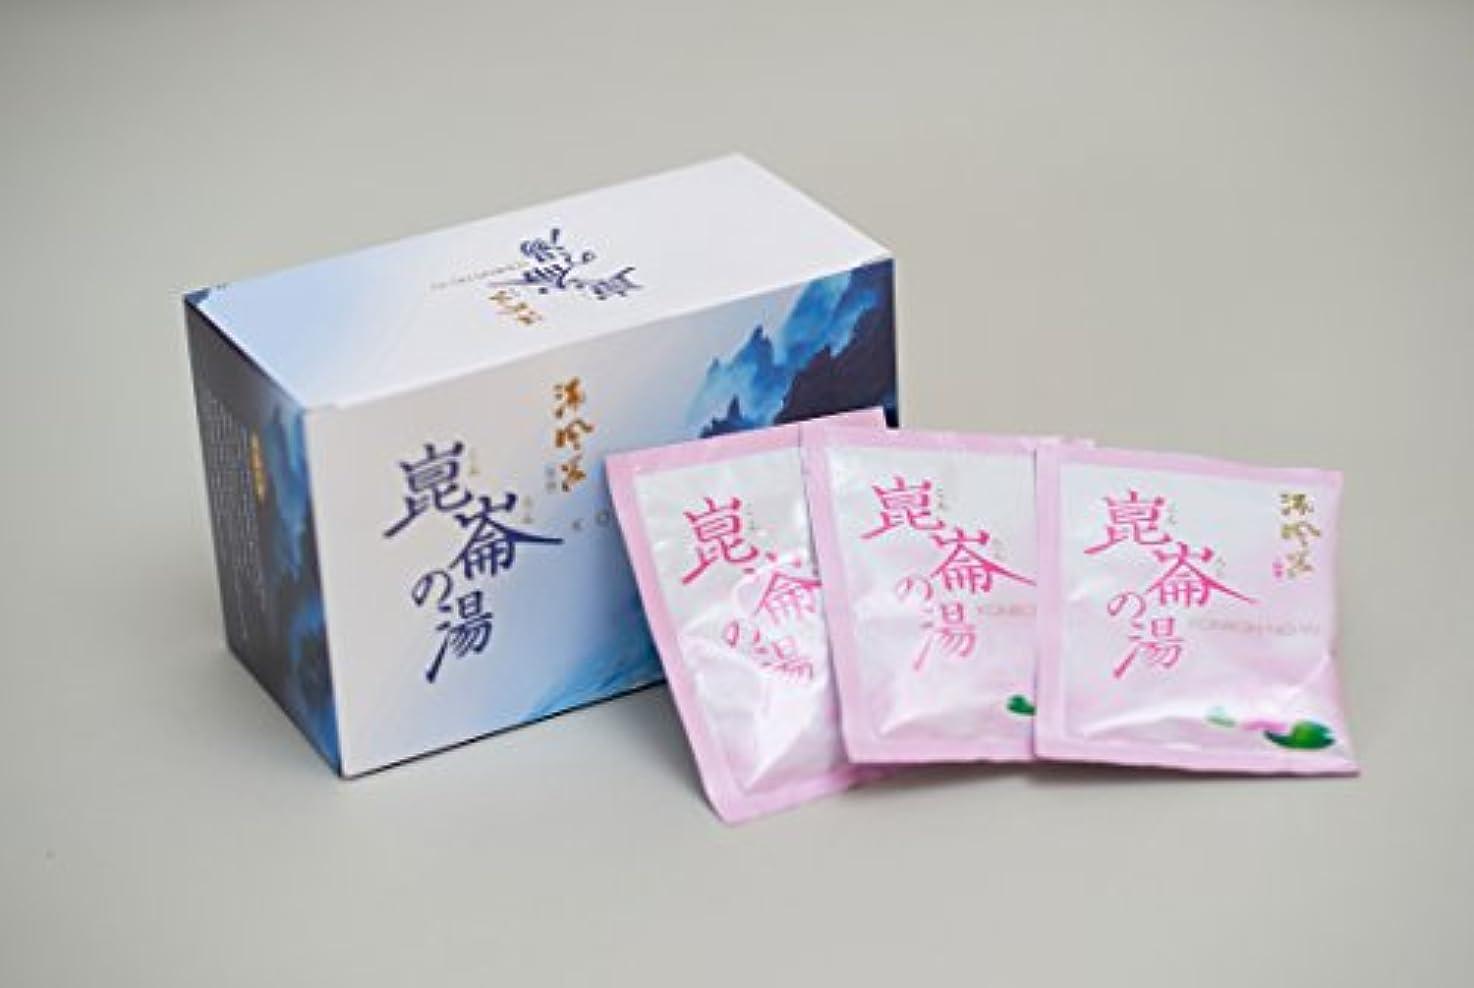 知覚寄付章酒風呂入浴剤「崑崙の湯」 粉末タイプ (本体)(1箱当たり 清酒4升の量に相当)